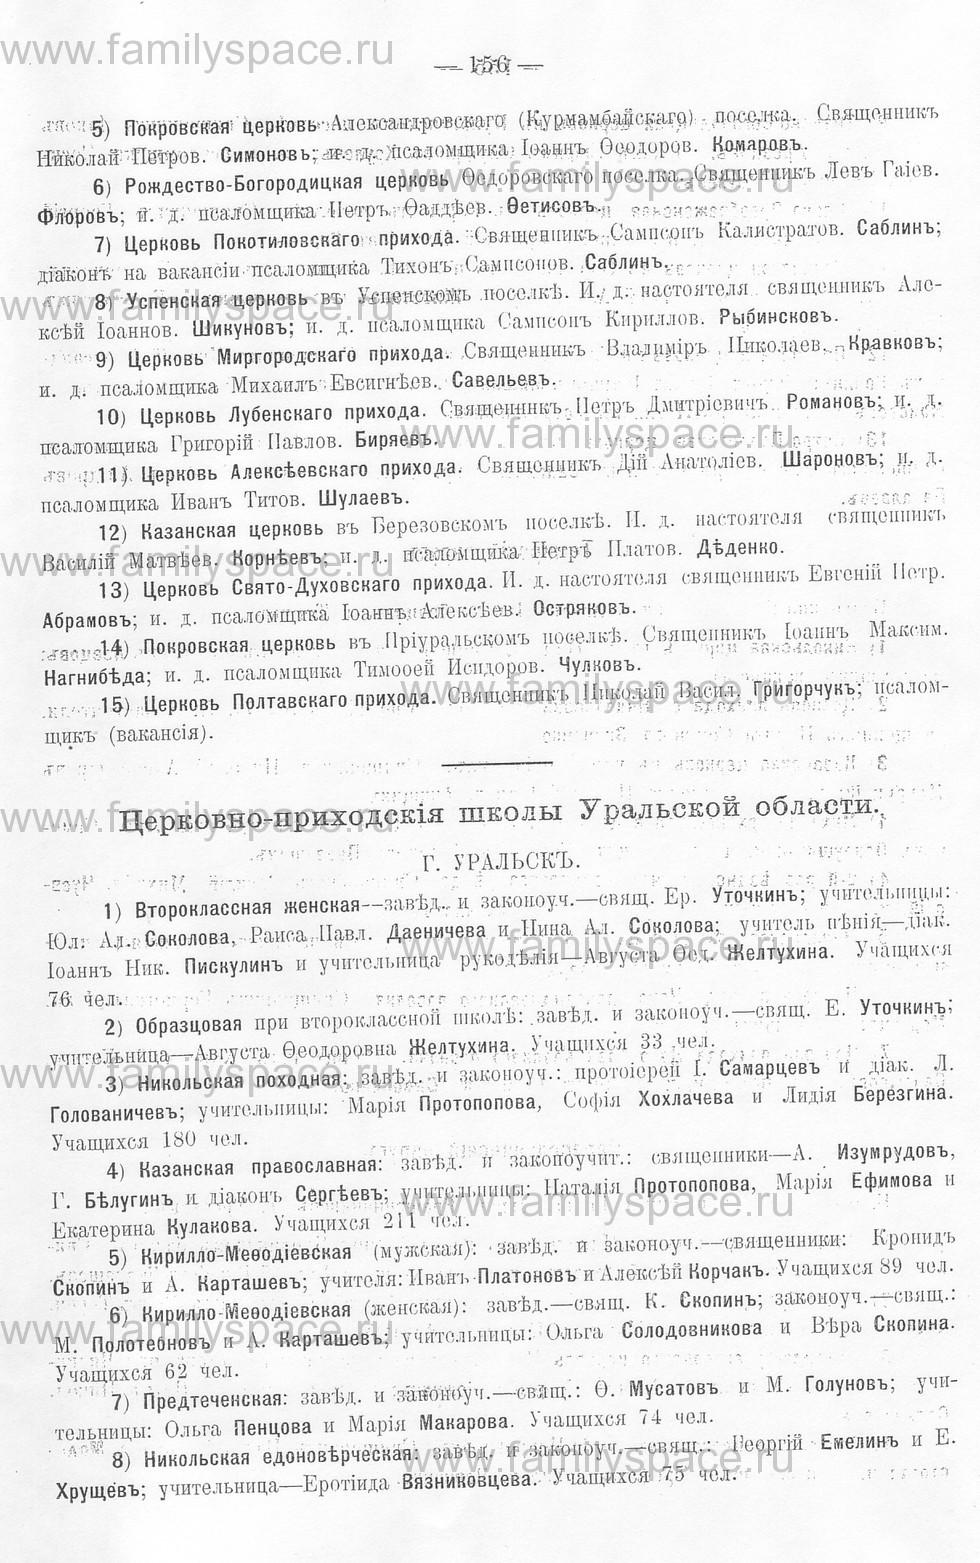 Поиск по фамилии - Памятная книжка Уральской области на 1913 год, страница 156